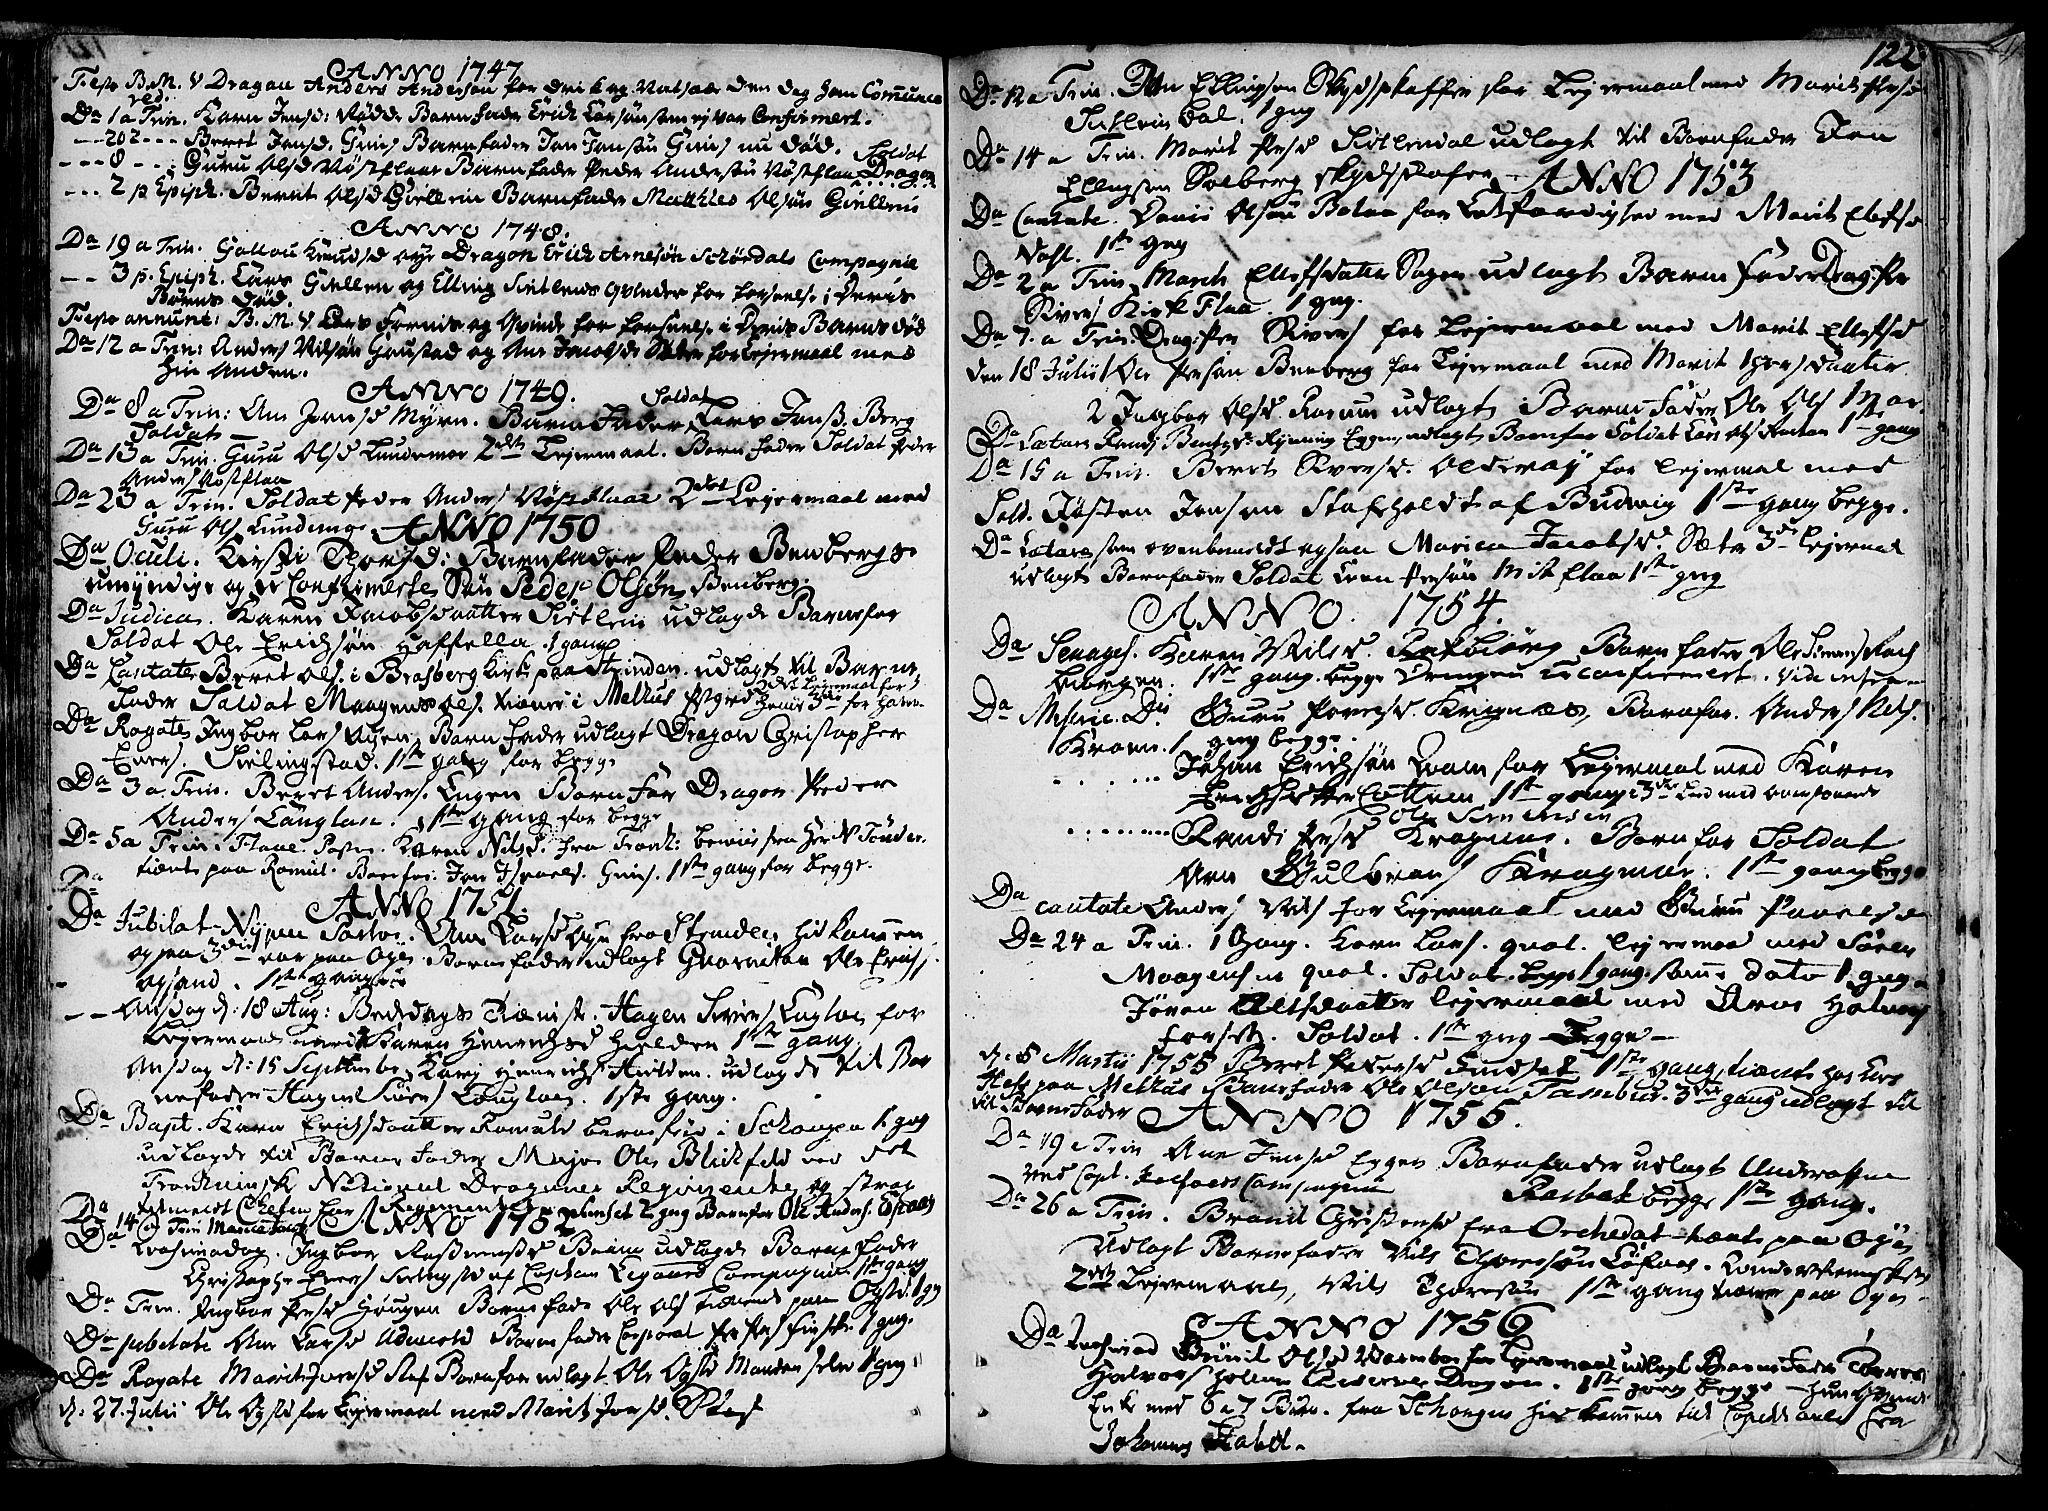 SAT, Ministerialprotokoller, klokkerbøker og fødselsregistre - Sør-Trøndelag, 691/L1057: Ministerialbok nr. 691A01 /1, 1740-1767, s. 122